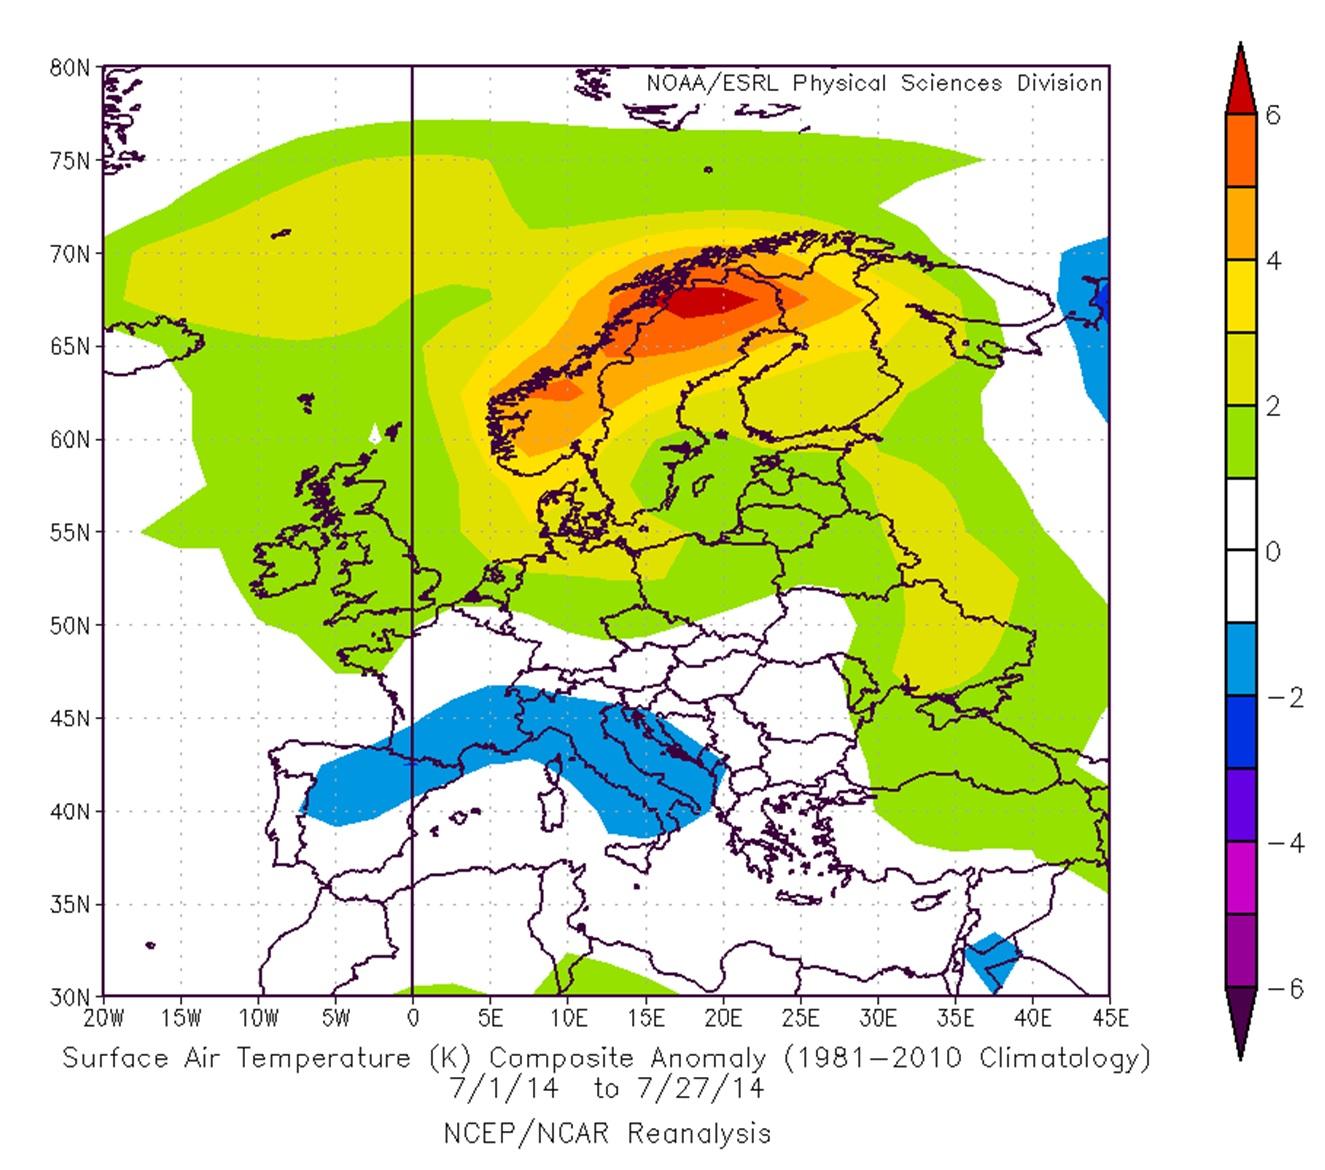 Im Alpenraum und im nördlichen Mittelmeer war der Juli 2014 zu kühl. Perfektes Sommerwetter herrschte in Skandinavien, wo ein Wärmeüberschuss von bis zu 6 Grad zustande kam.